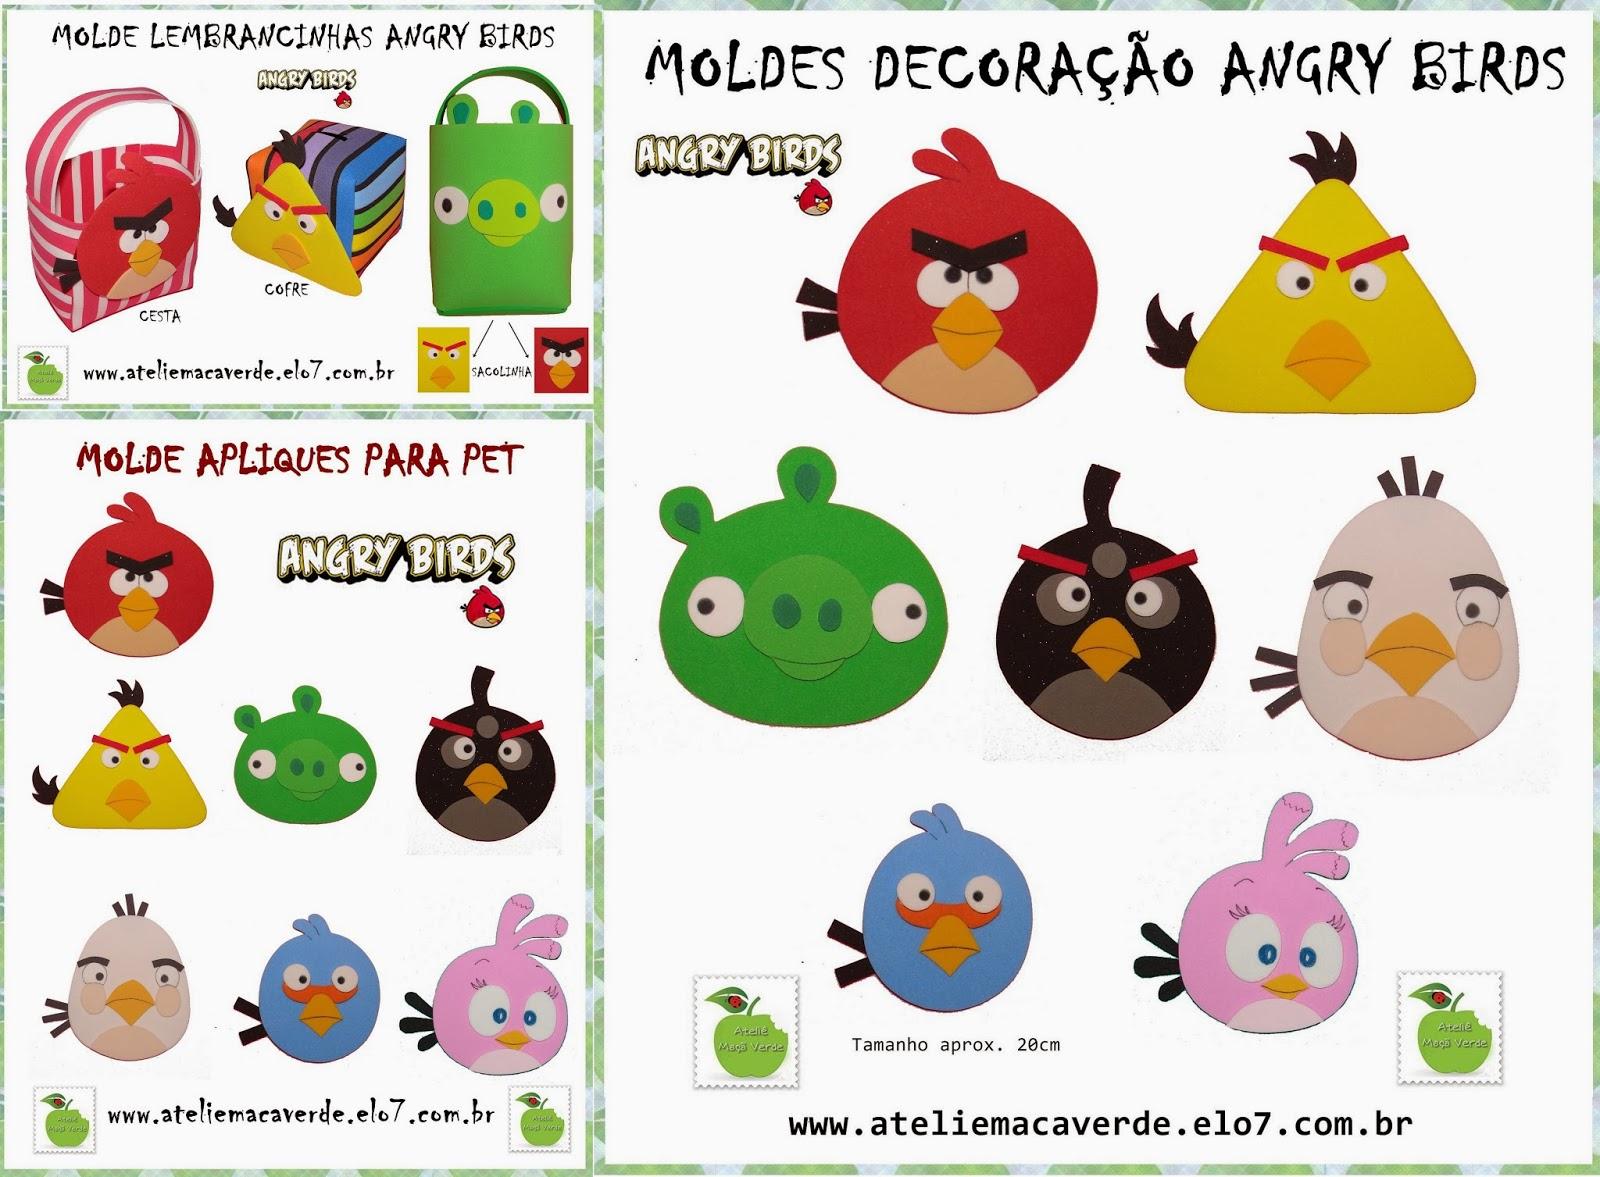 Colorido Angry Birds Personagens Vector: ATELIÊ MAÇÃ VERDE: COMBO DE MOLDES ATELIÊ MAÇÃ VERDE